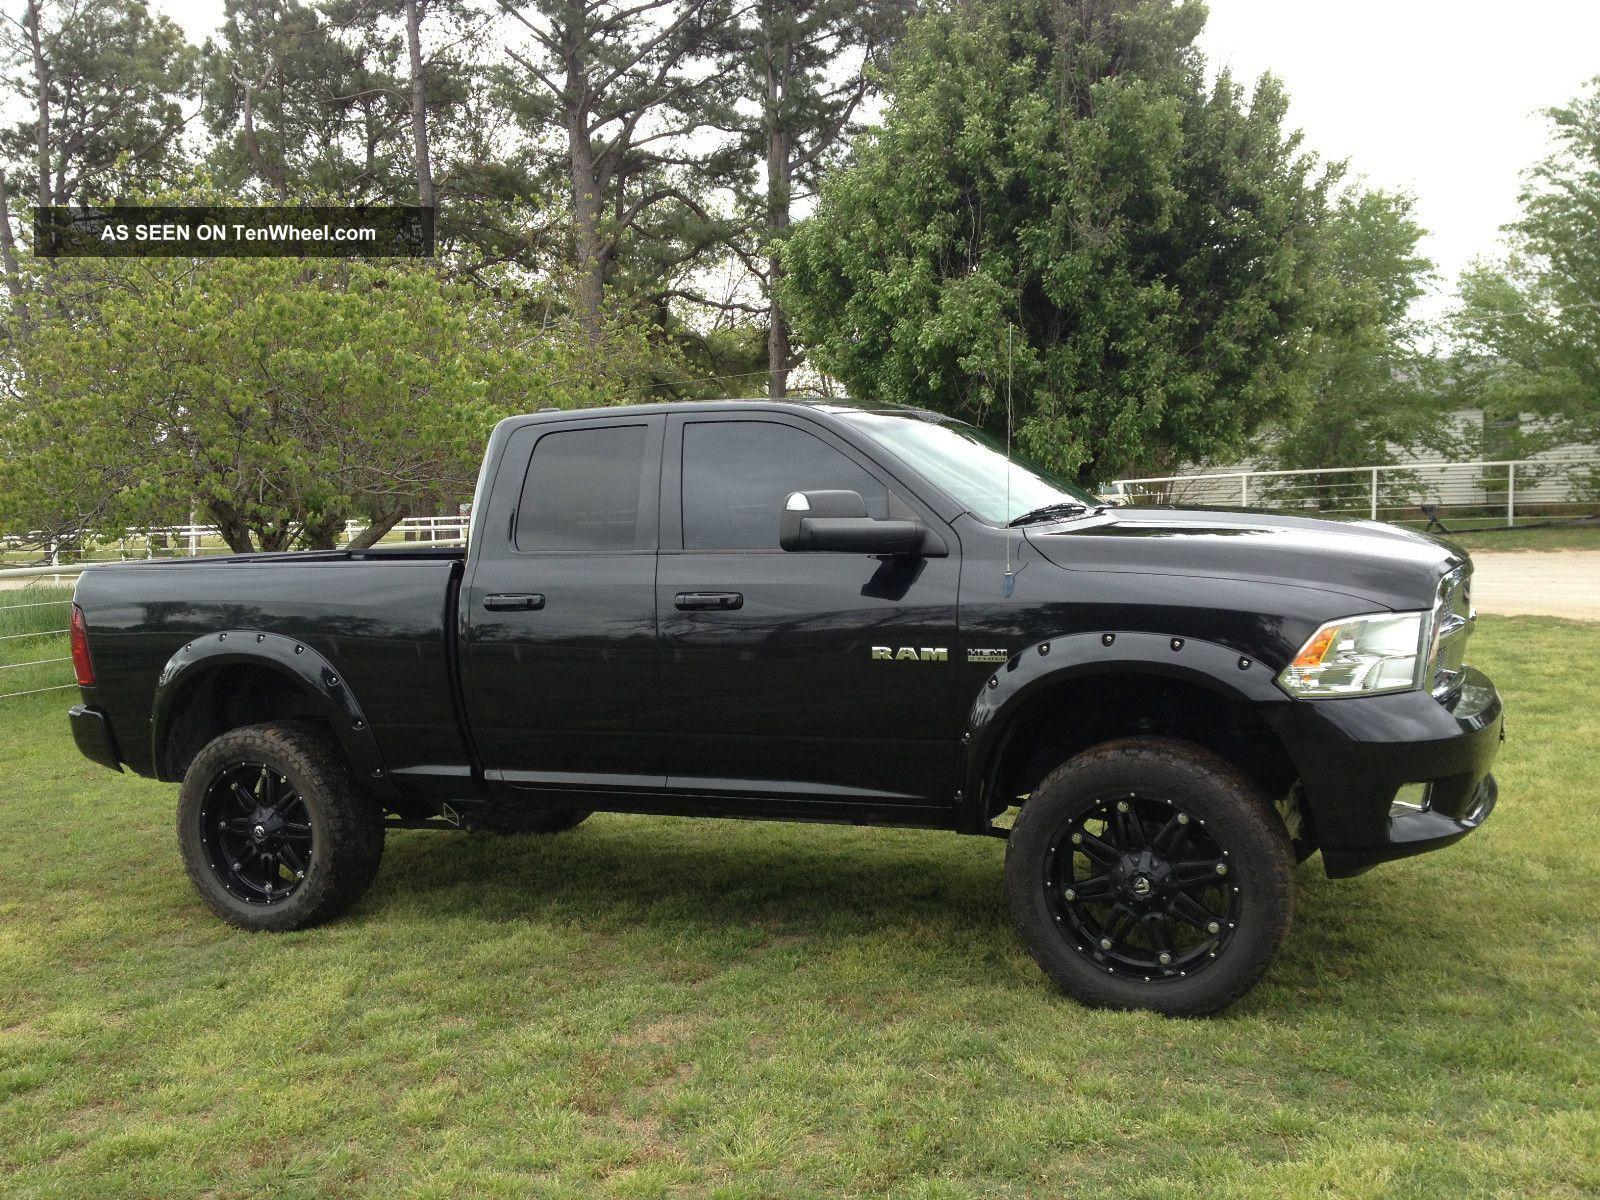 Used 2013 Ram 1500 For Sale On Edmunds Com Dodge Ram Trucks Black Dodge Trucks Dodge Trucks Ram